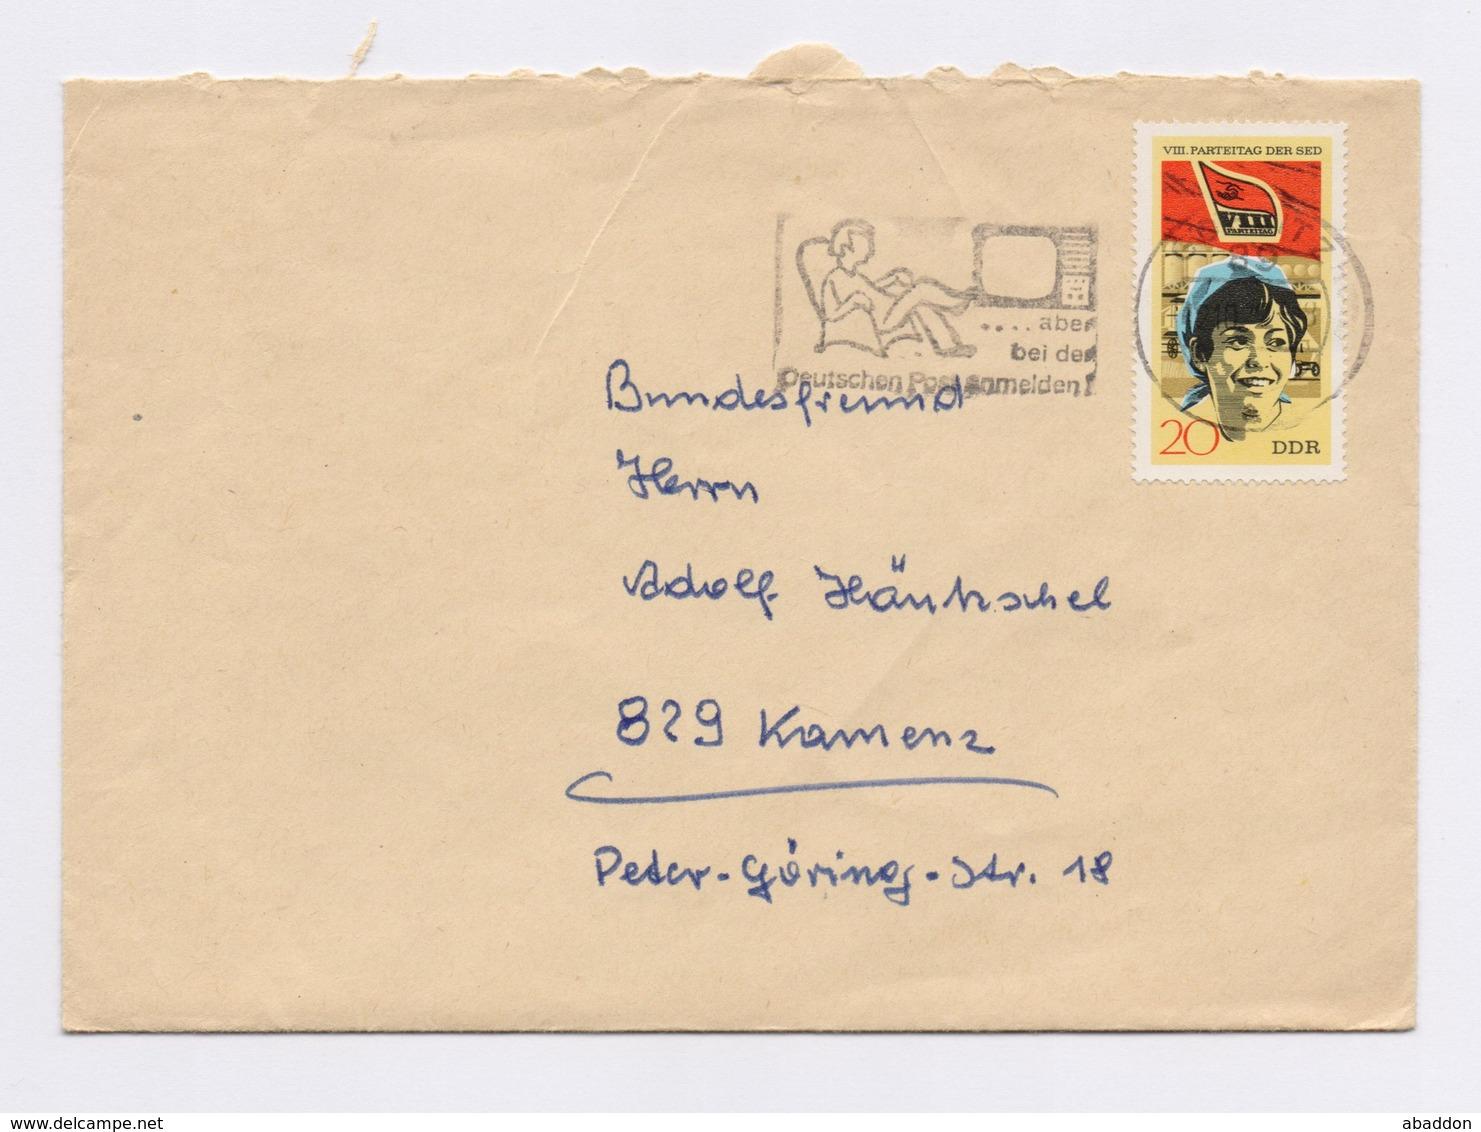 MWSt - GÖRLITZ, Aber Bei Der Deutschen Post Anmelden! EF 1677 Auf Brief Mit Inhalt 1972 - DDR